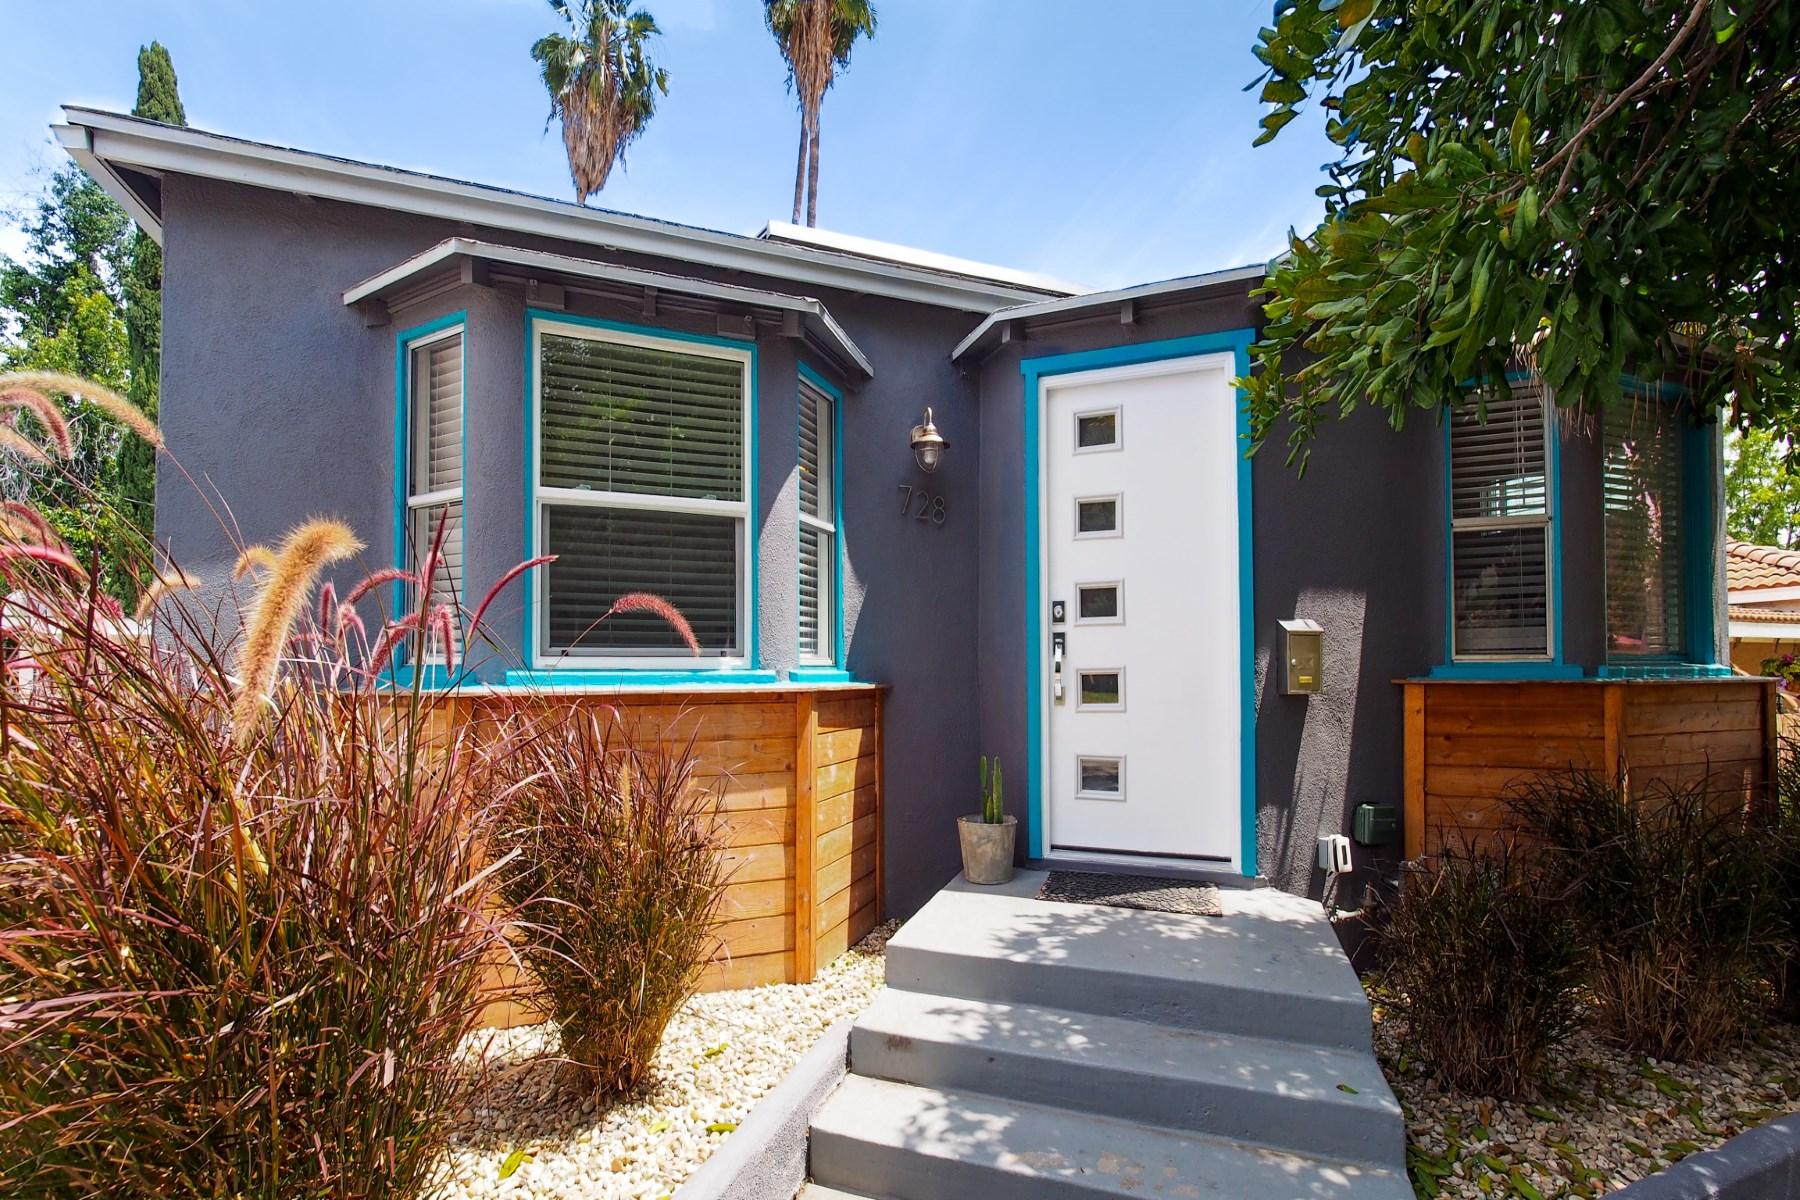 Moradia para Venda às 728 North Avenue 63 Highland Park, Los Angeles, Califórnia, 90042 Estados Unidos